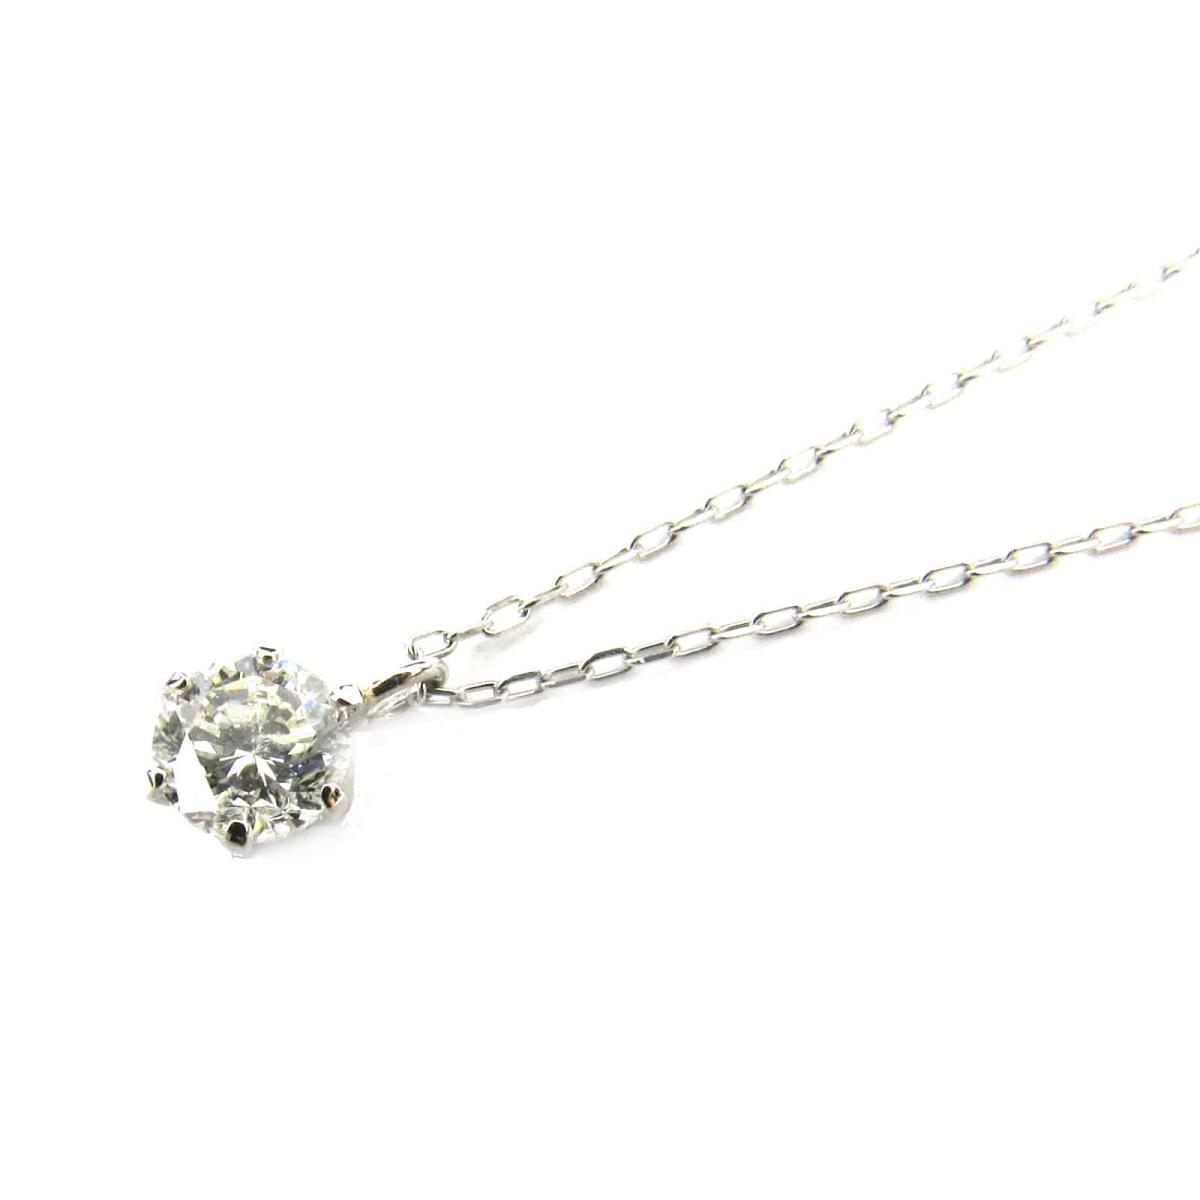 ジュエリー 一粒ダイヤモンド ネックレス レディース PT900 プラチナ x PT850 ダイヤモンド (0.307ct) クリアー シルバー (695817) | JEWELRY BRANDOFF ブランドオフ ブランド アクセサリー ペンダント